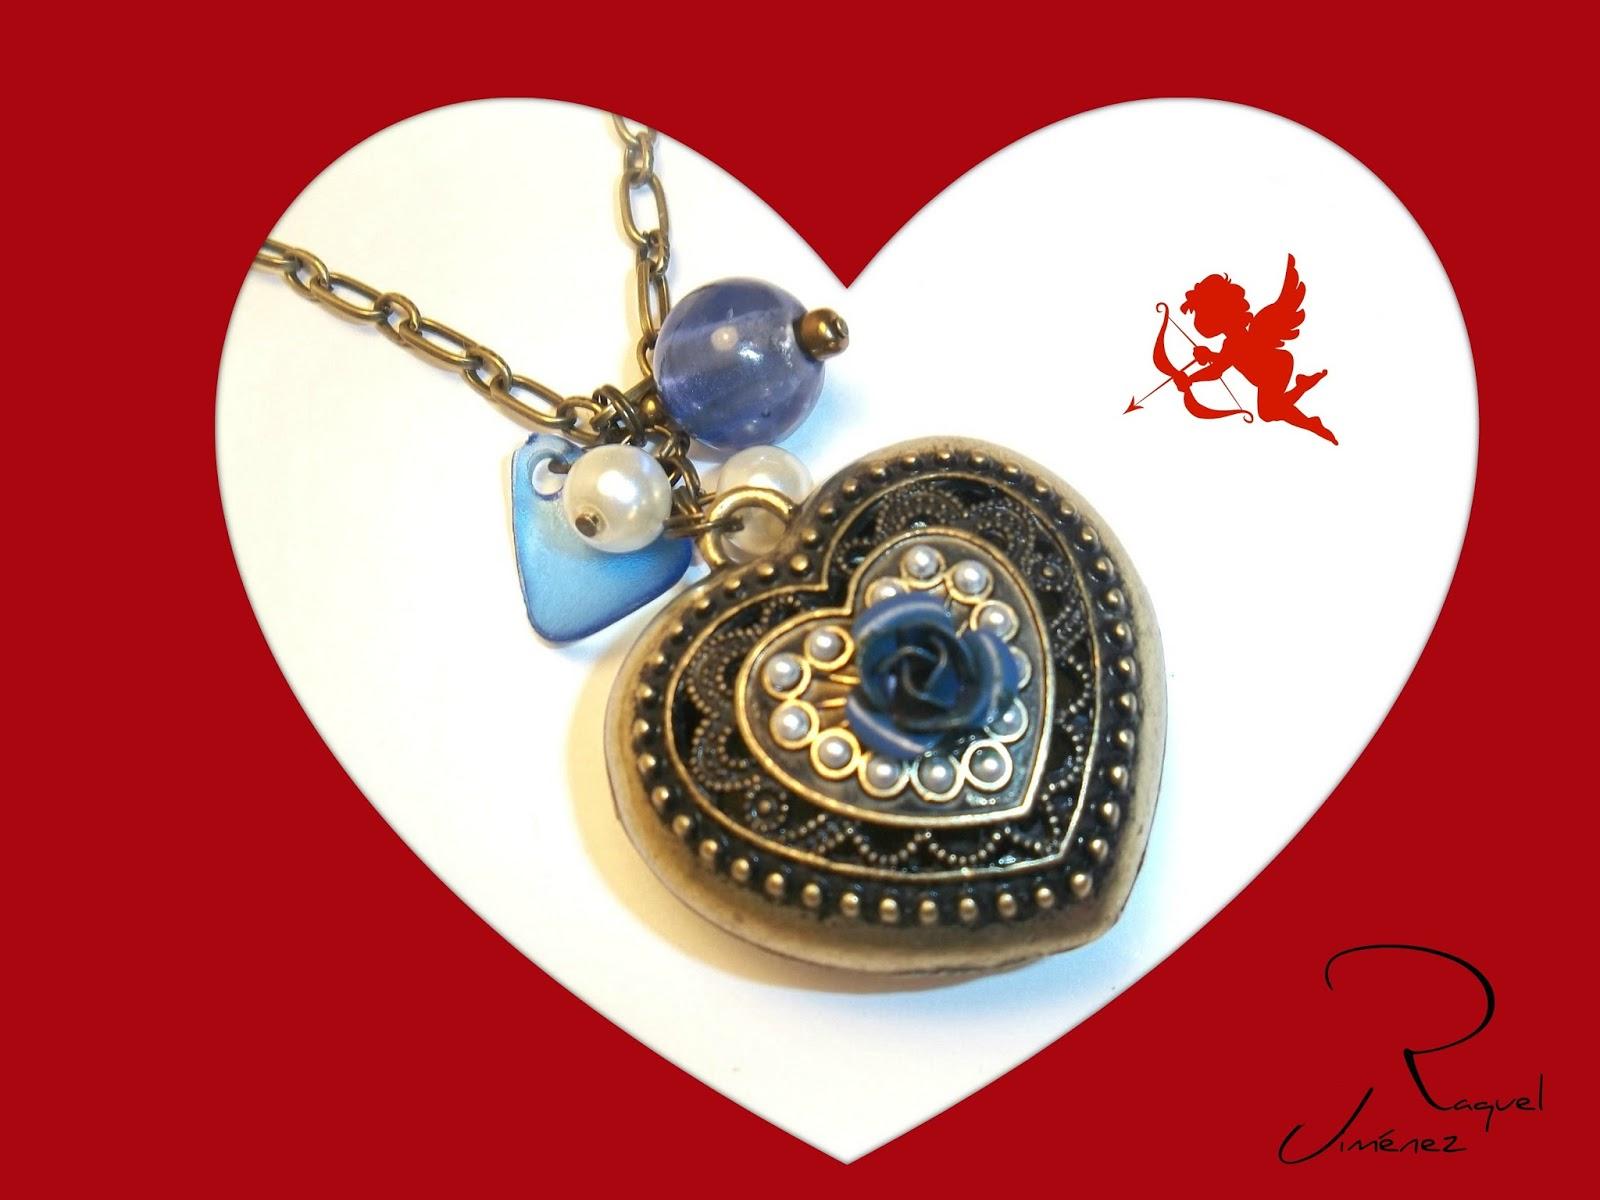 corazon azul vintage